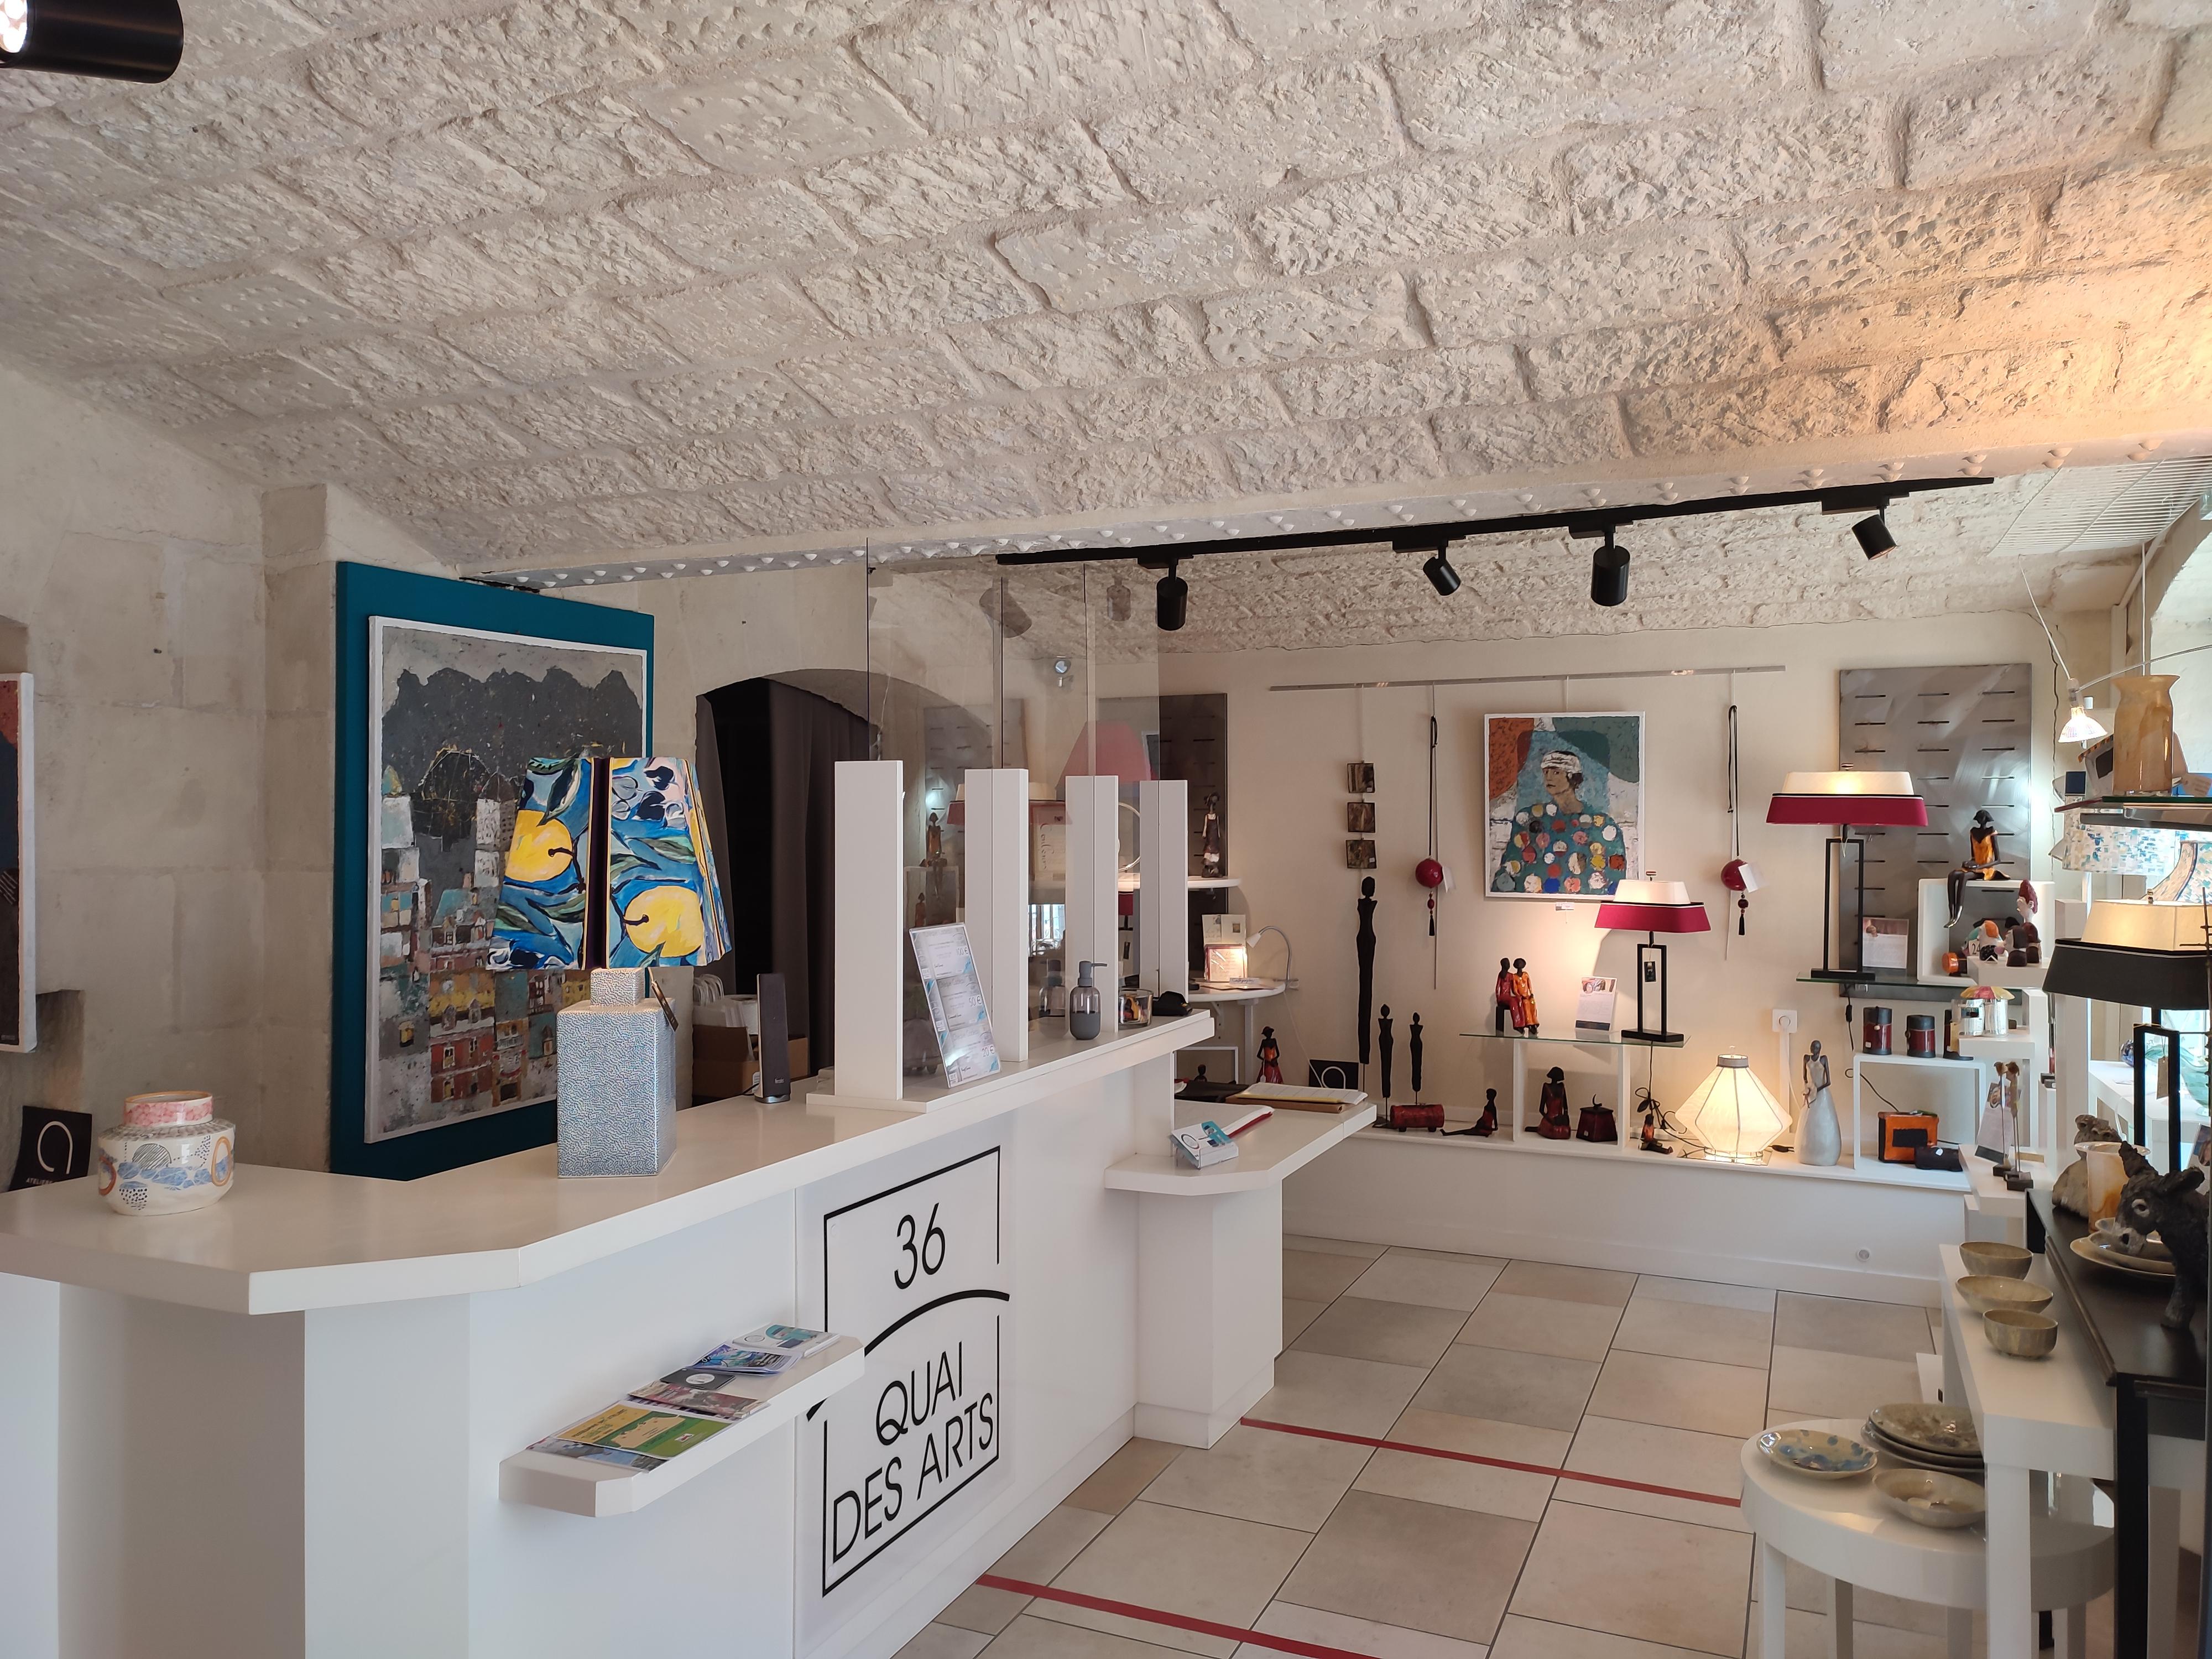 Galerie d'image - 36 Quai des Arts